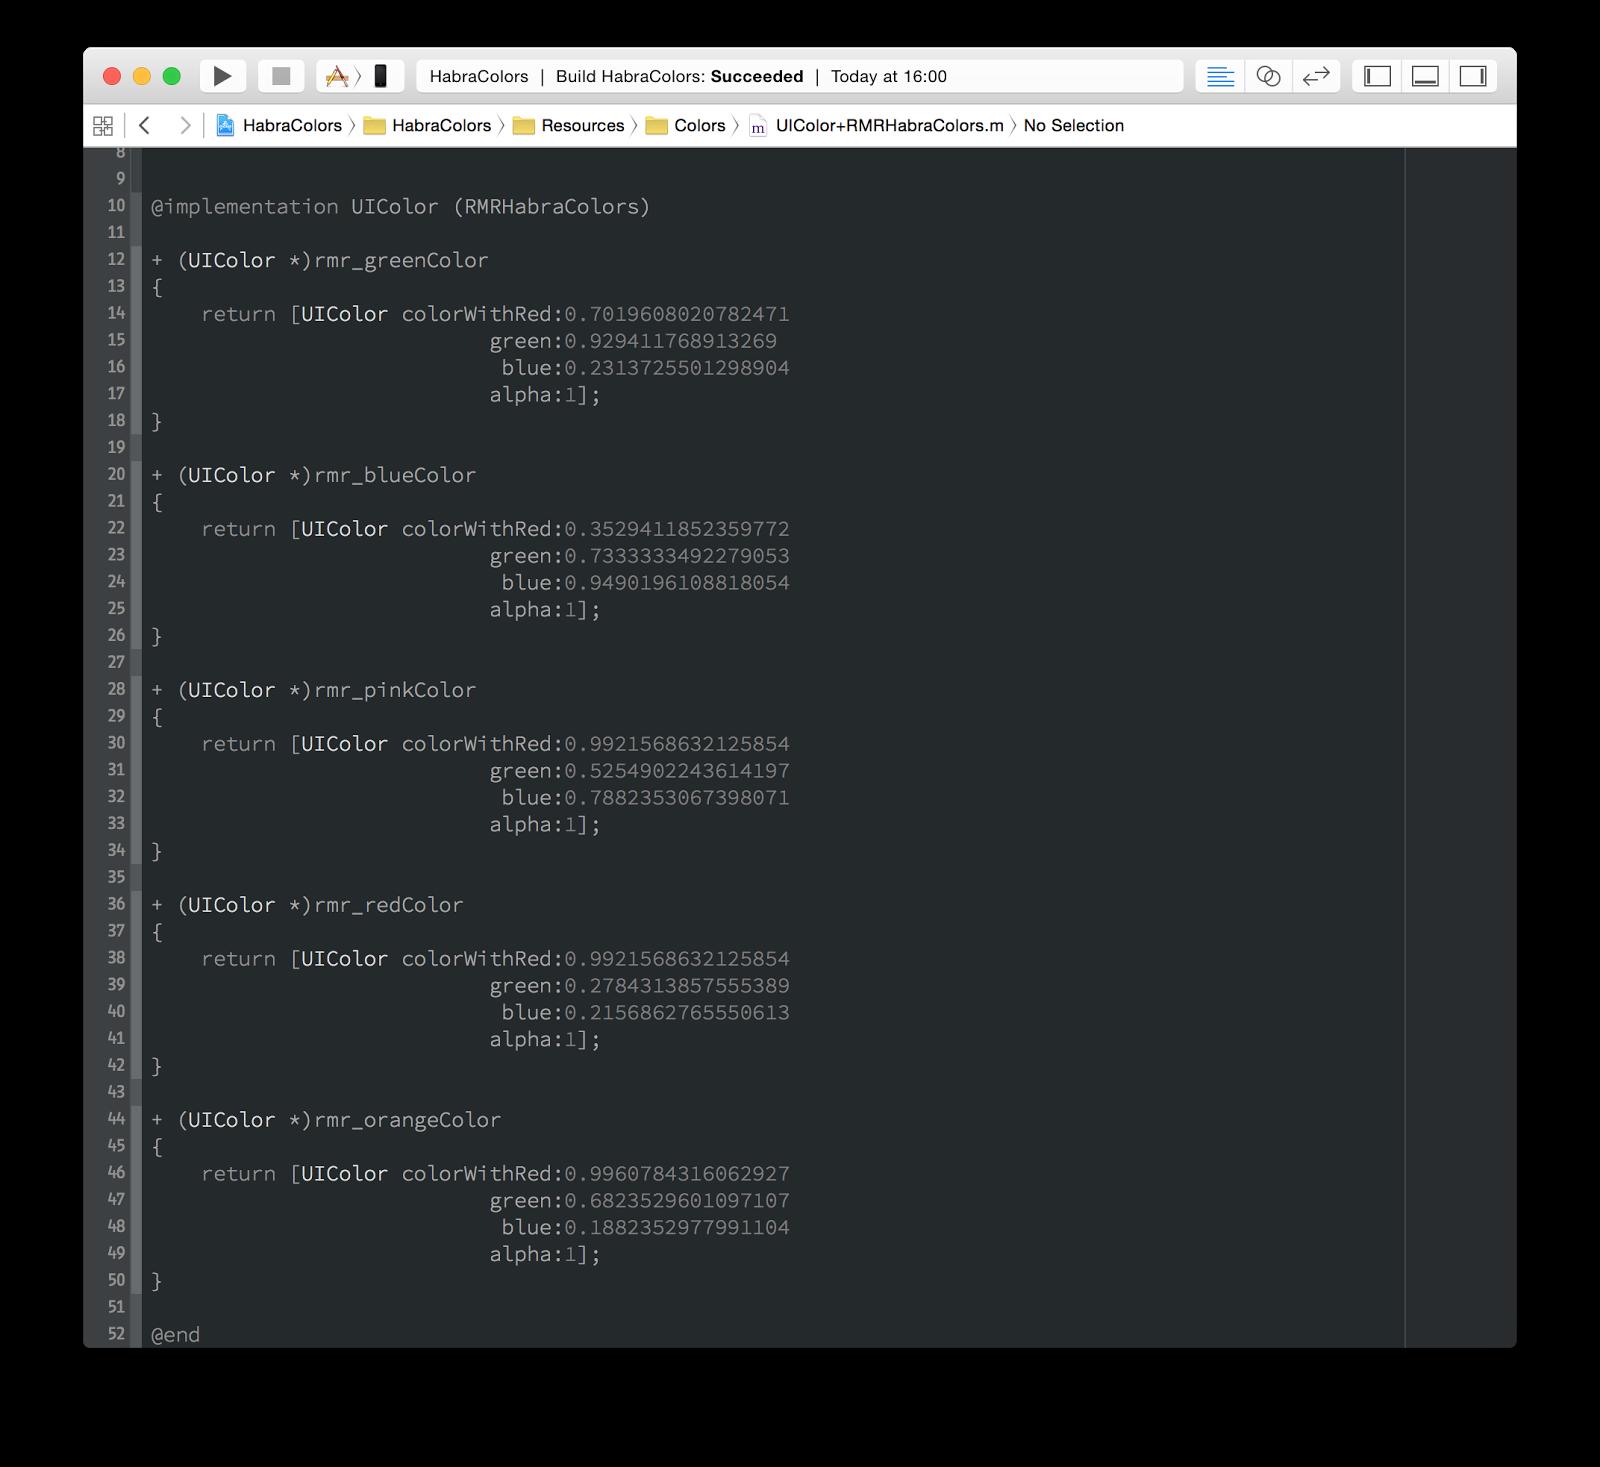 Стилизация iOS-приложений: как мы натягиваем шрифты, цвета и изображения - 3